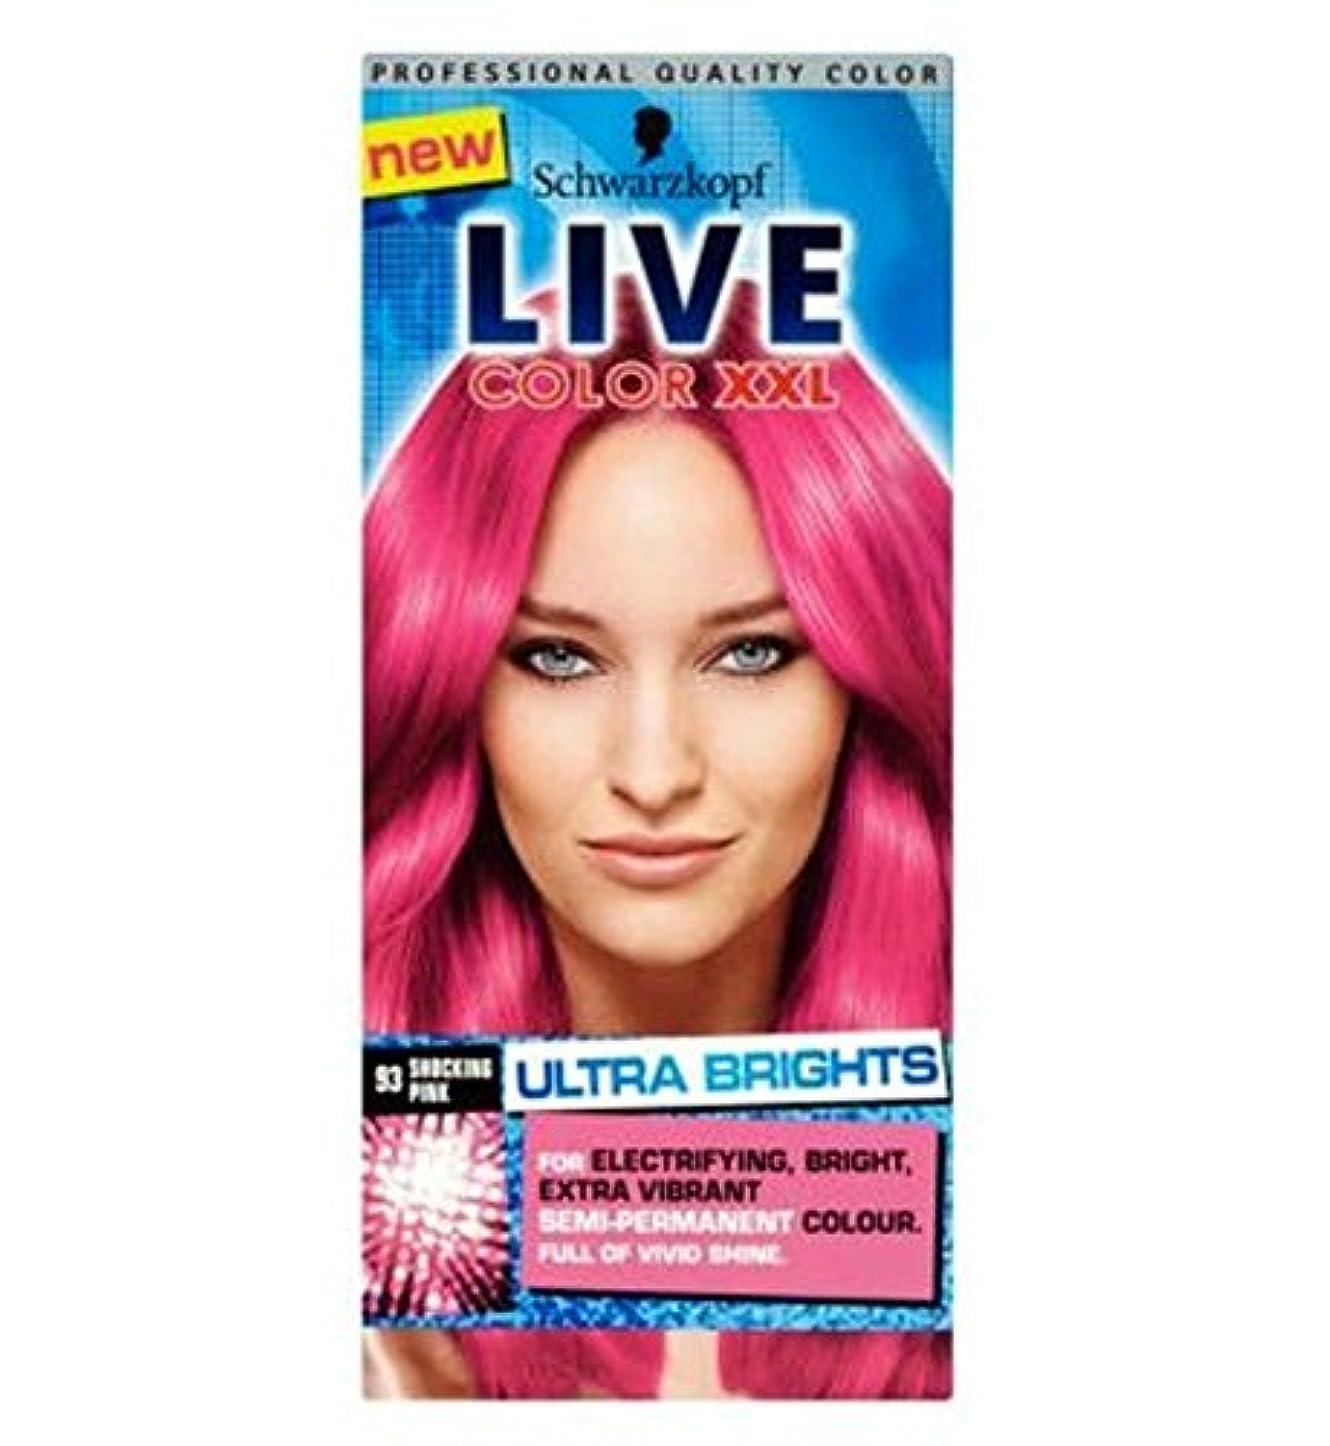 シャックル作曲家パラシュートSchwarzkopf LIVE Color XXL Ultra Brights 93 Shocking Pink Semi-Permanent Pink Hair Dye - シュワルツコフライブカラーXxl超輝93ショッキングピンク...